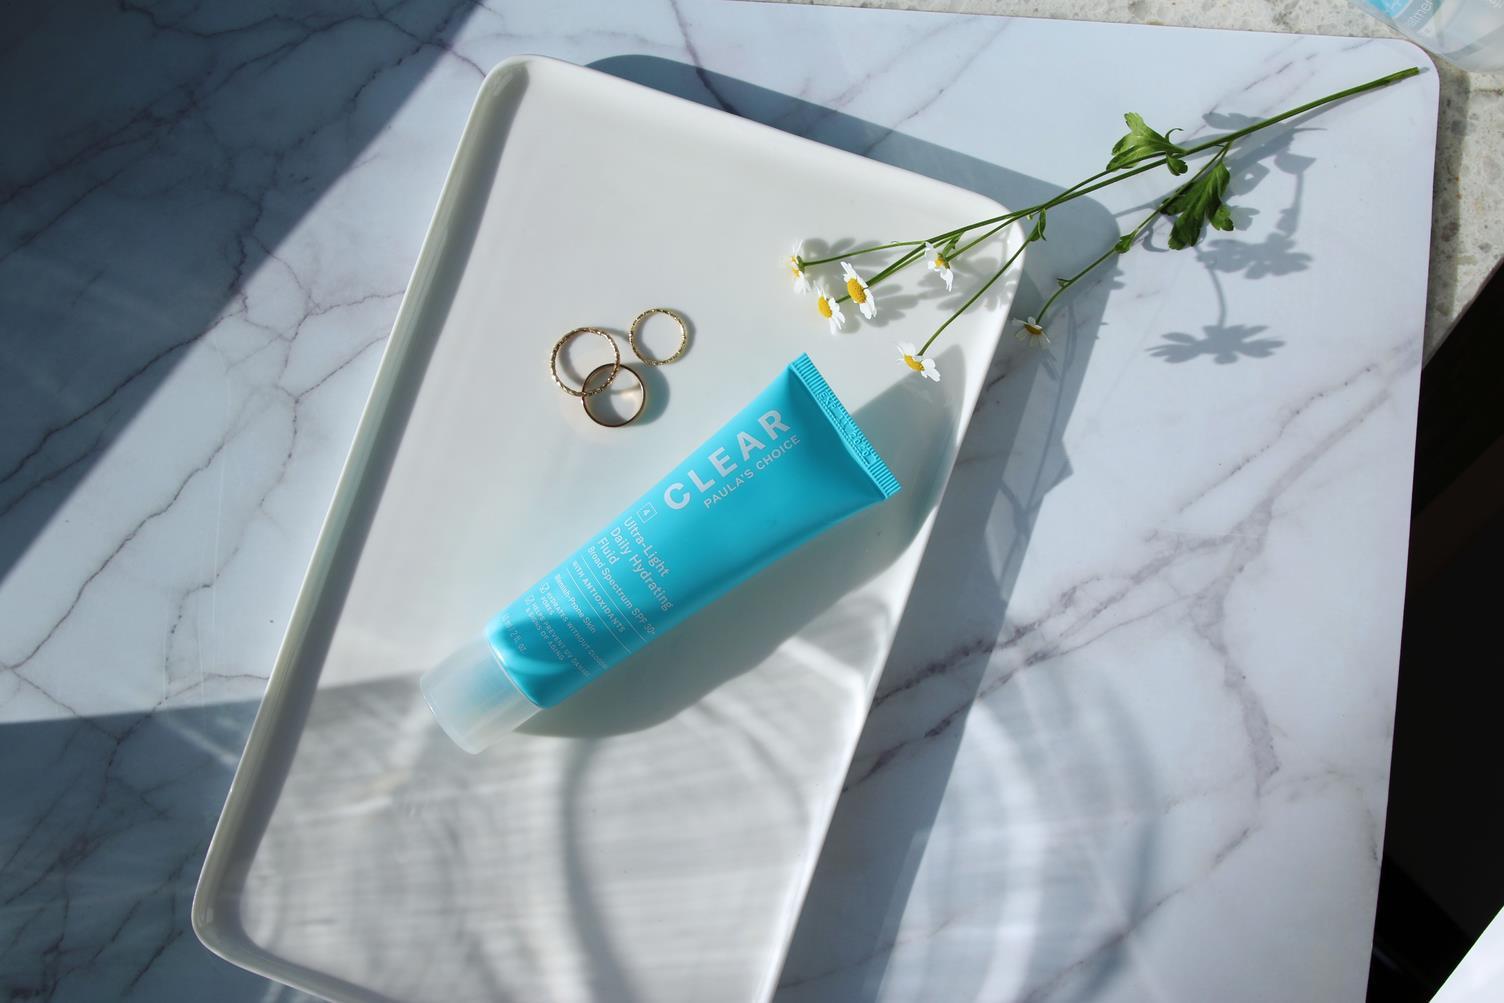 Tối giản quy trình chăm sóc da nhưng luôn cần giữ lại kem chống nắng - Ảnh 7.